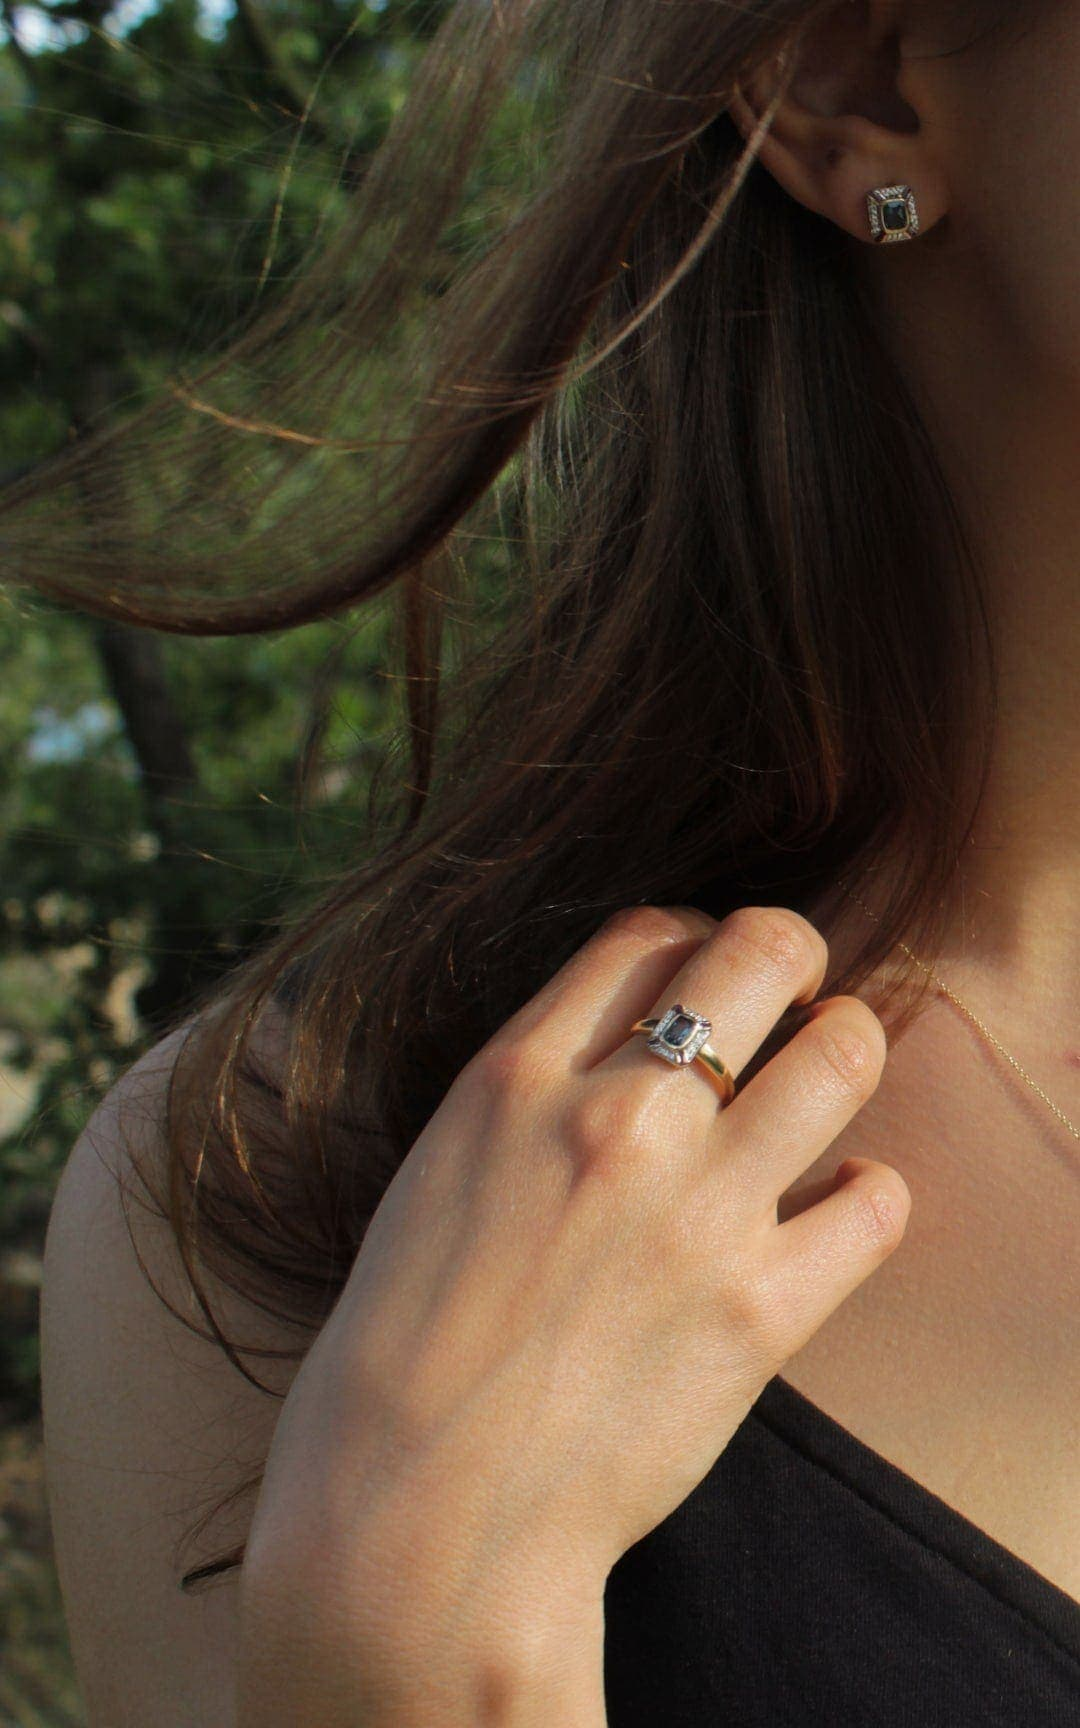 Modelka prezentuje zestaw złotej biżuterii z topazem i diamentami. Ma złoty pierścionek i kolczyki do kompletu.